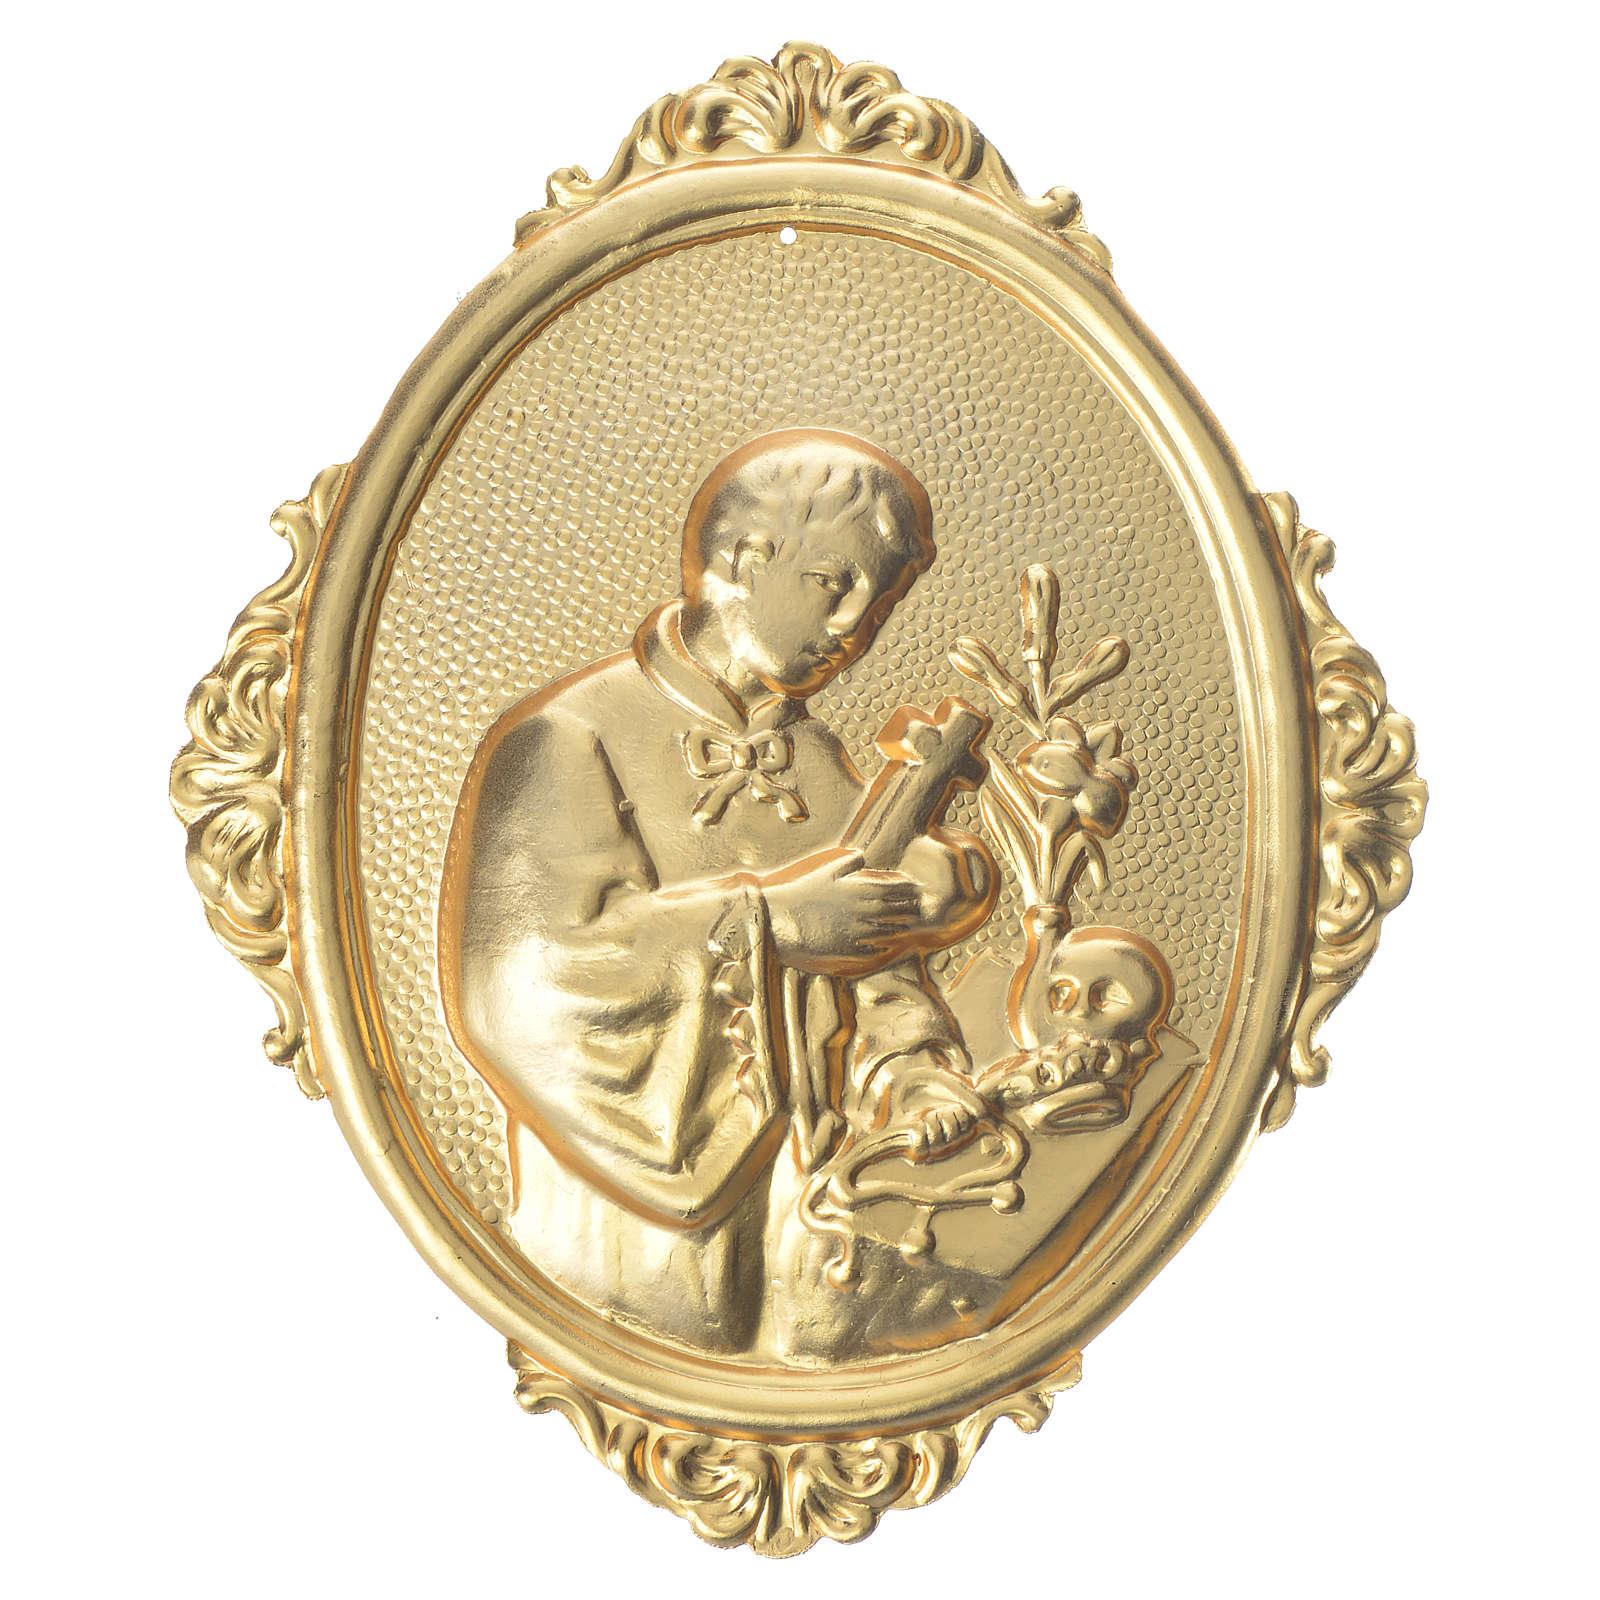 Medaglione per confraternite San Luigi mezzo busto 3